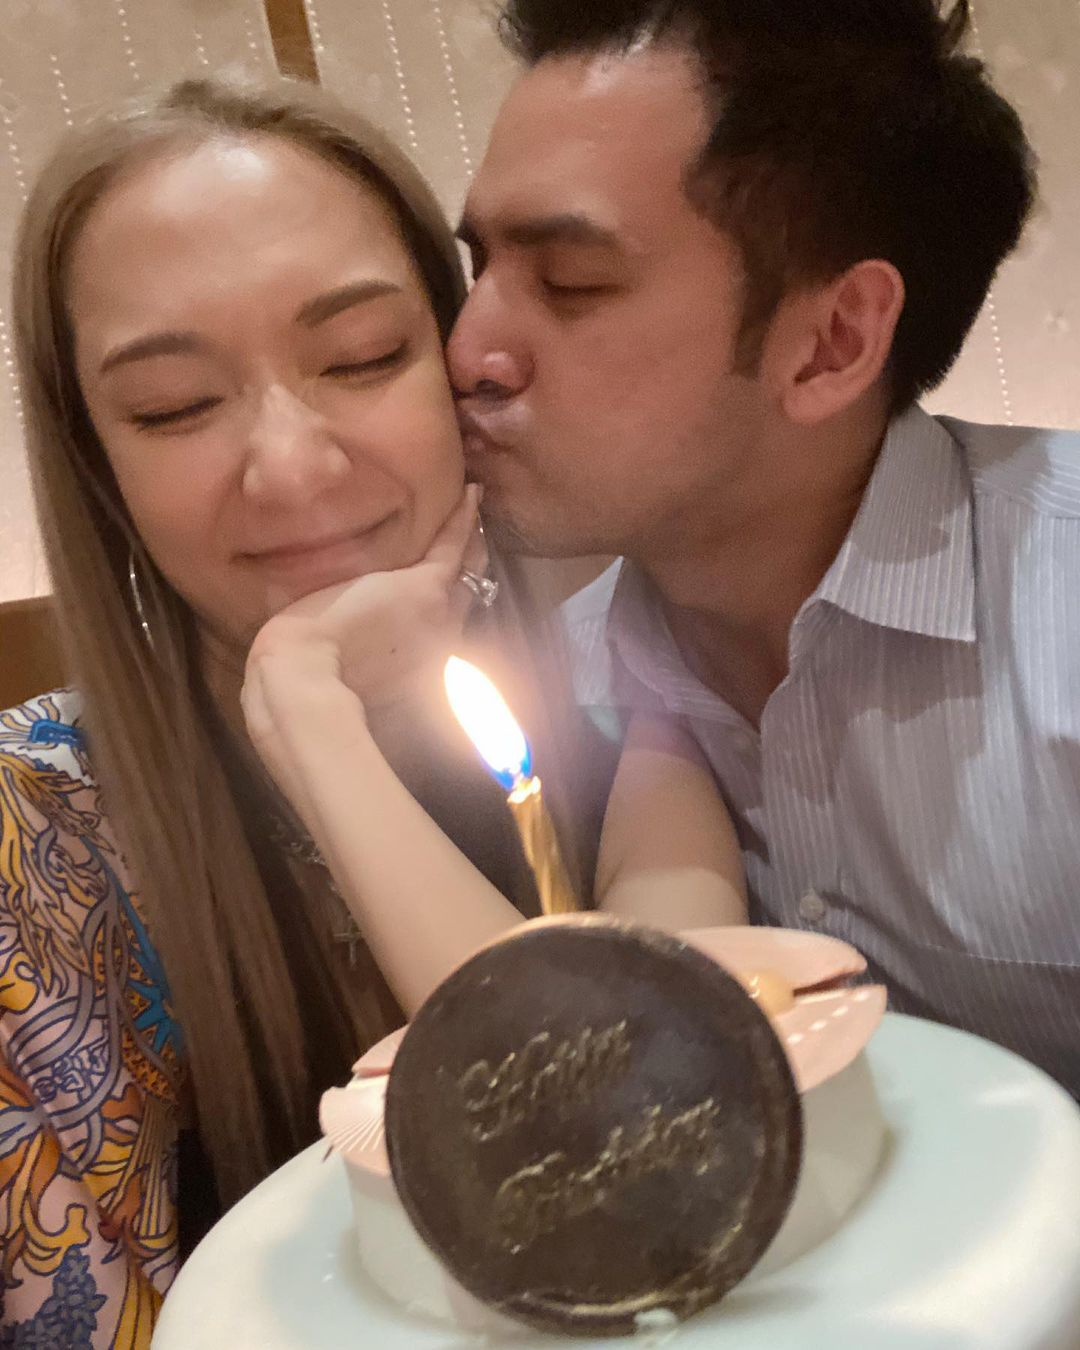 王君馨與老公甜蜜慶生 李佳芯大讚有夫妻相